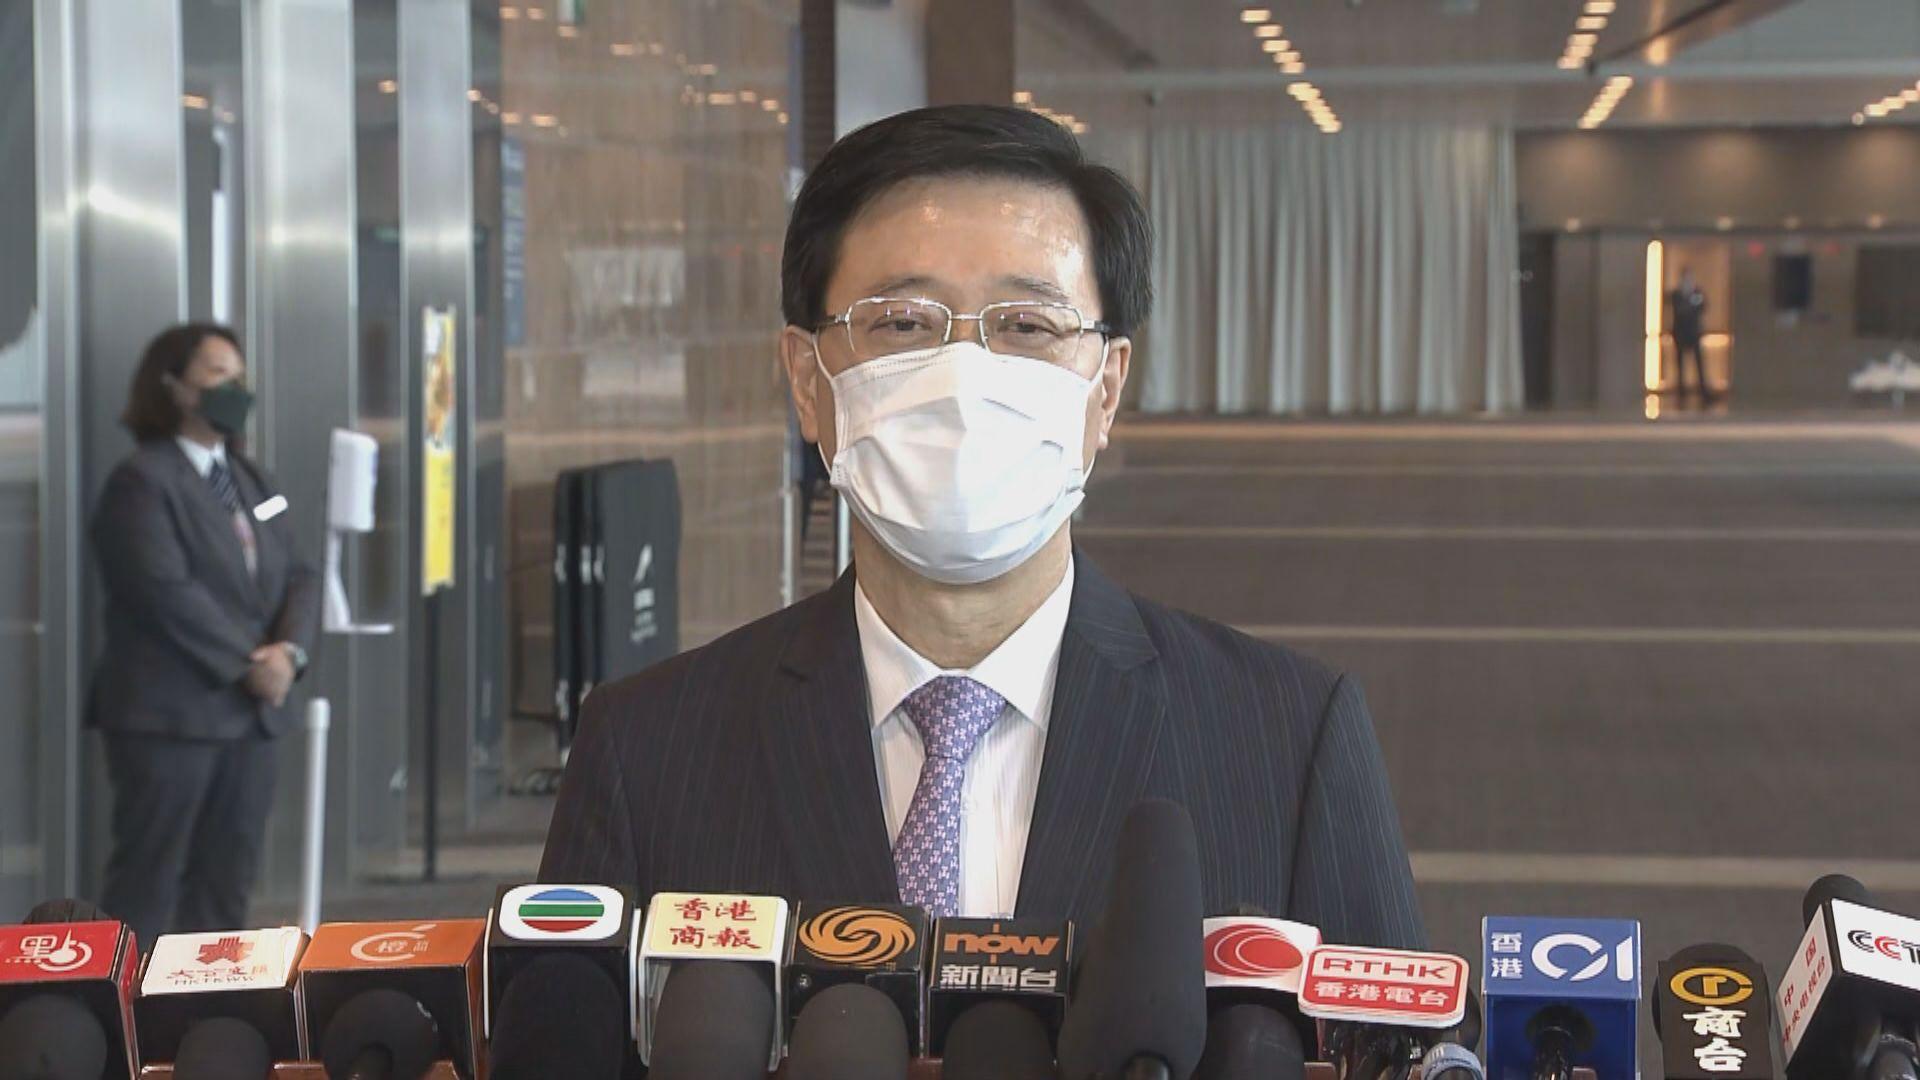 林鄭月娥周一赴京參加黨慶百周年活動 李家超署任特首